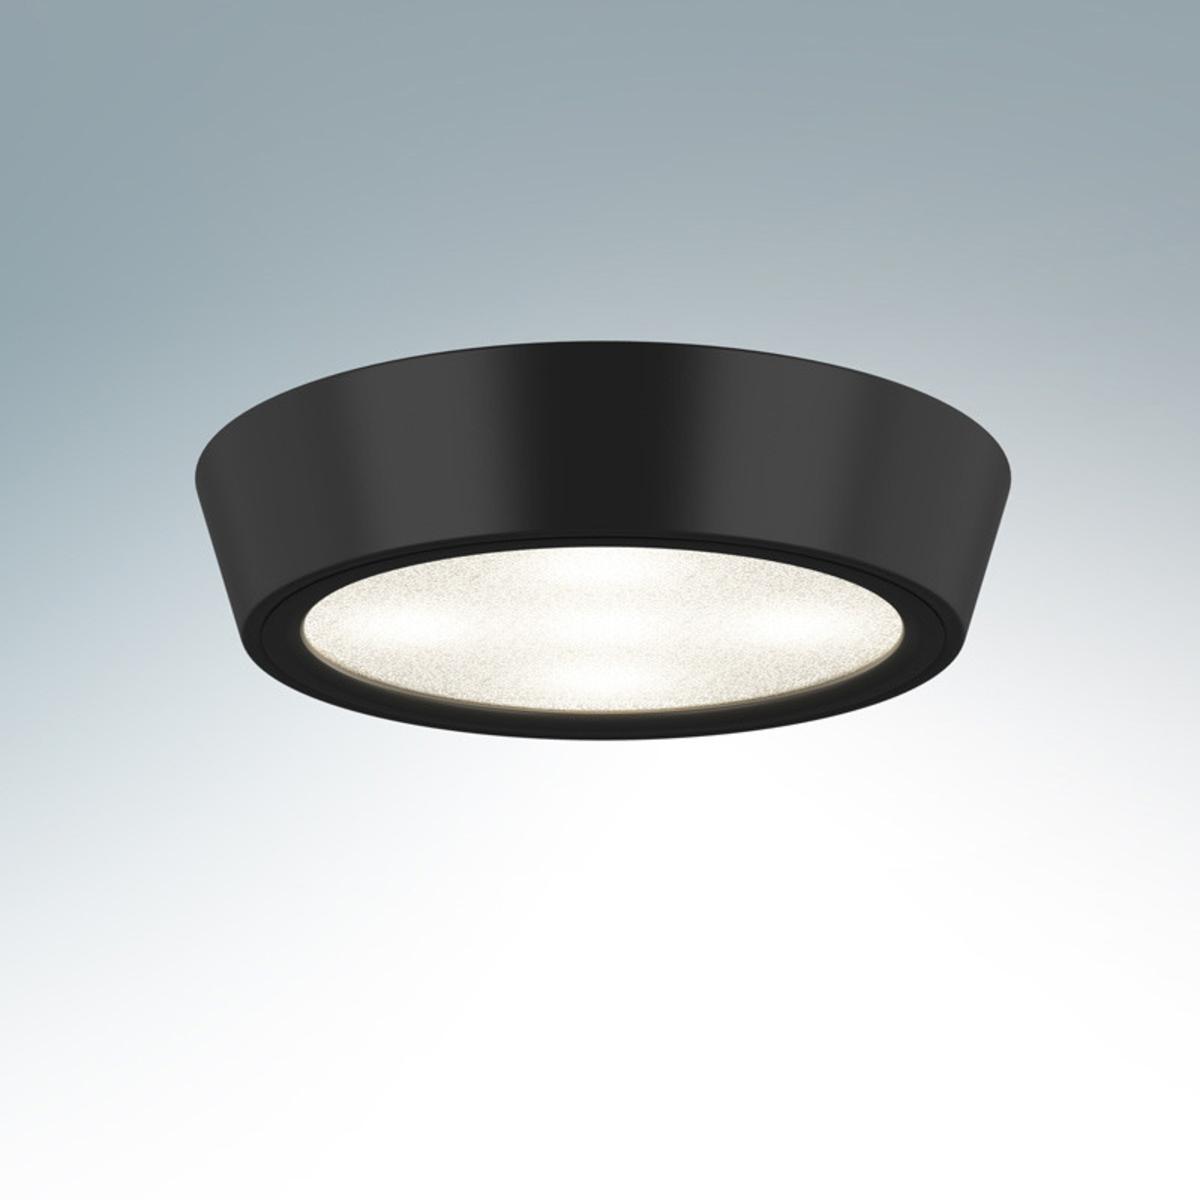 Купить Накладной светильник Urbano mini 214774, HomeMe